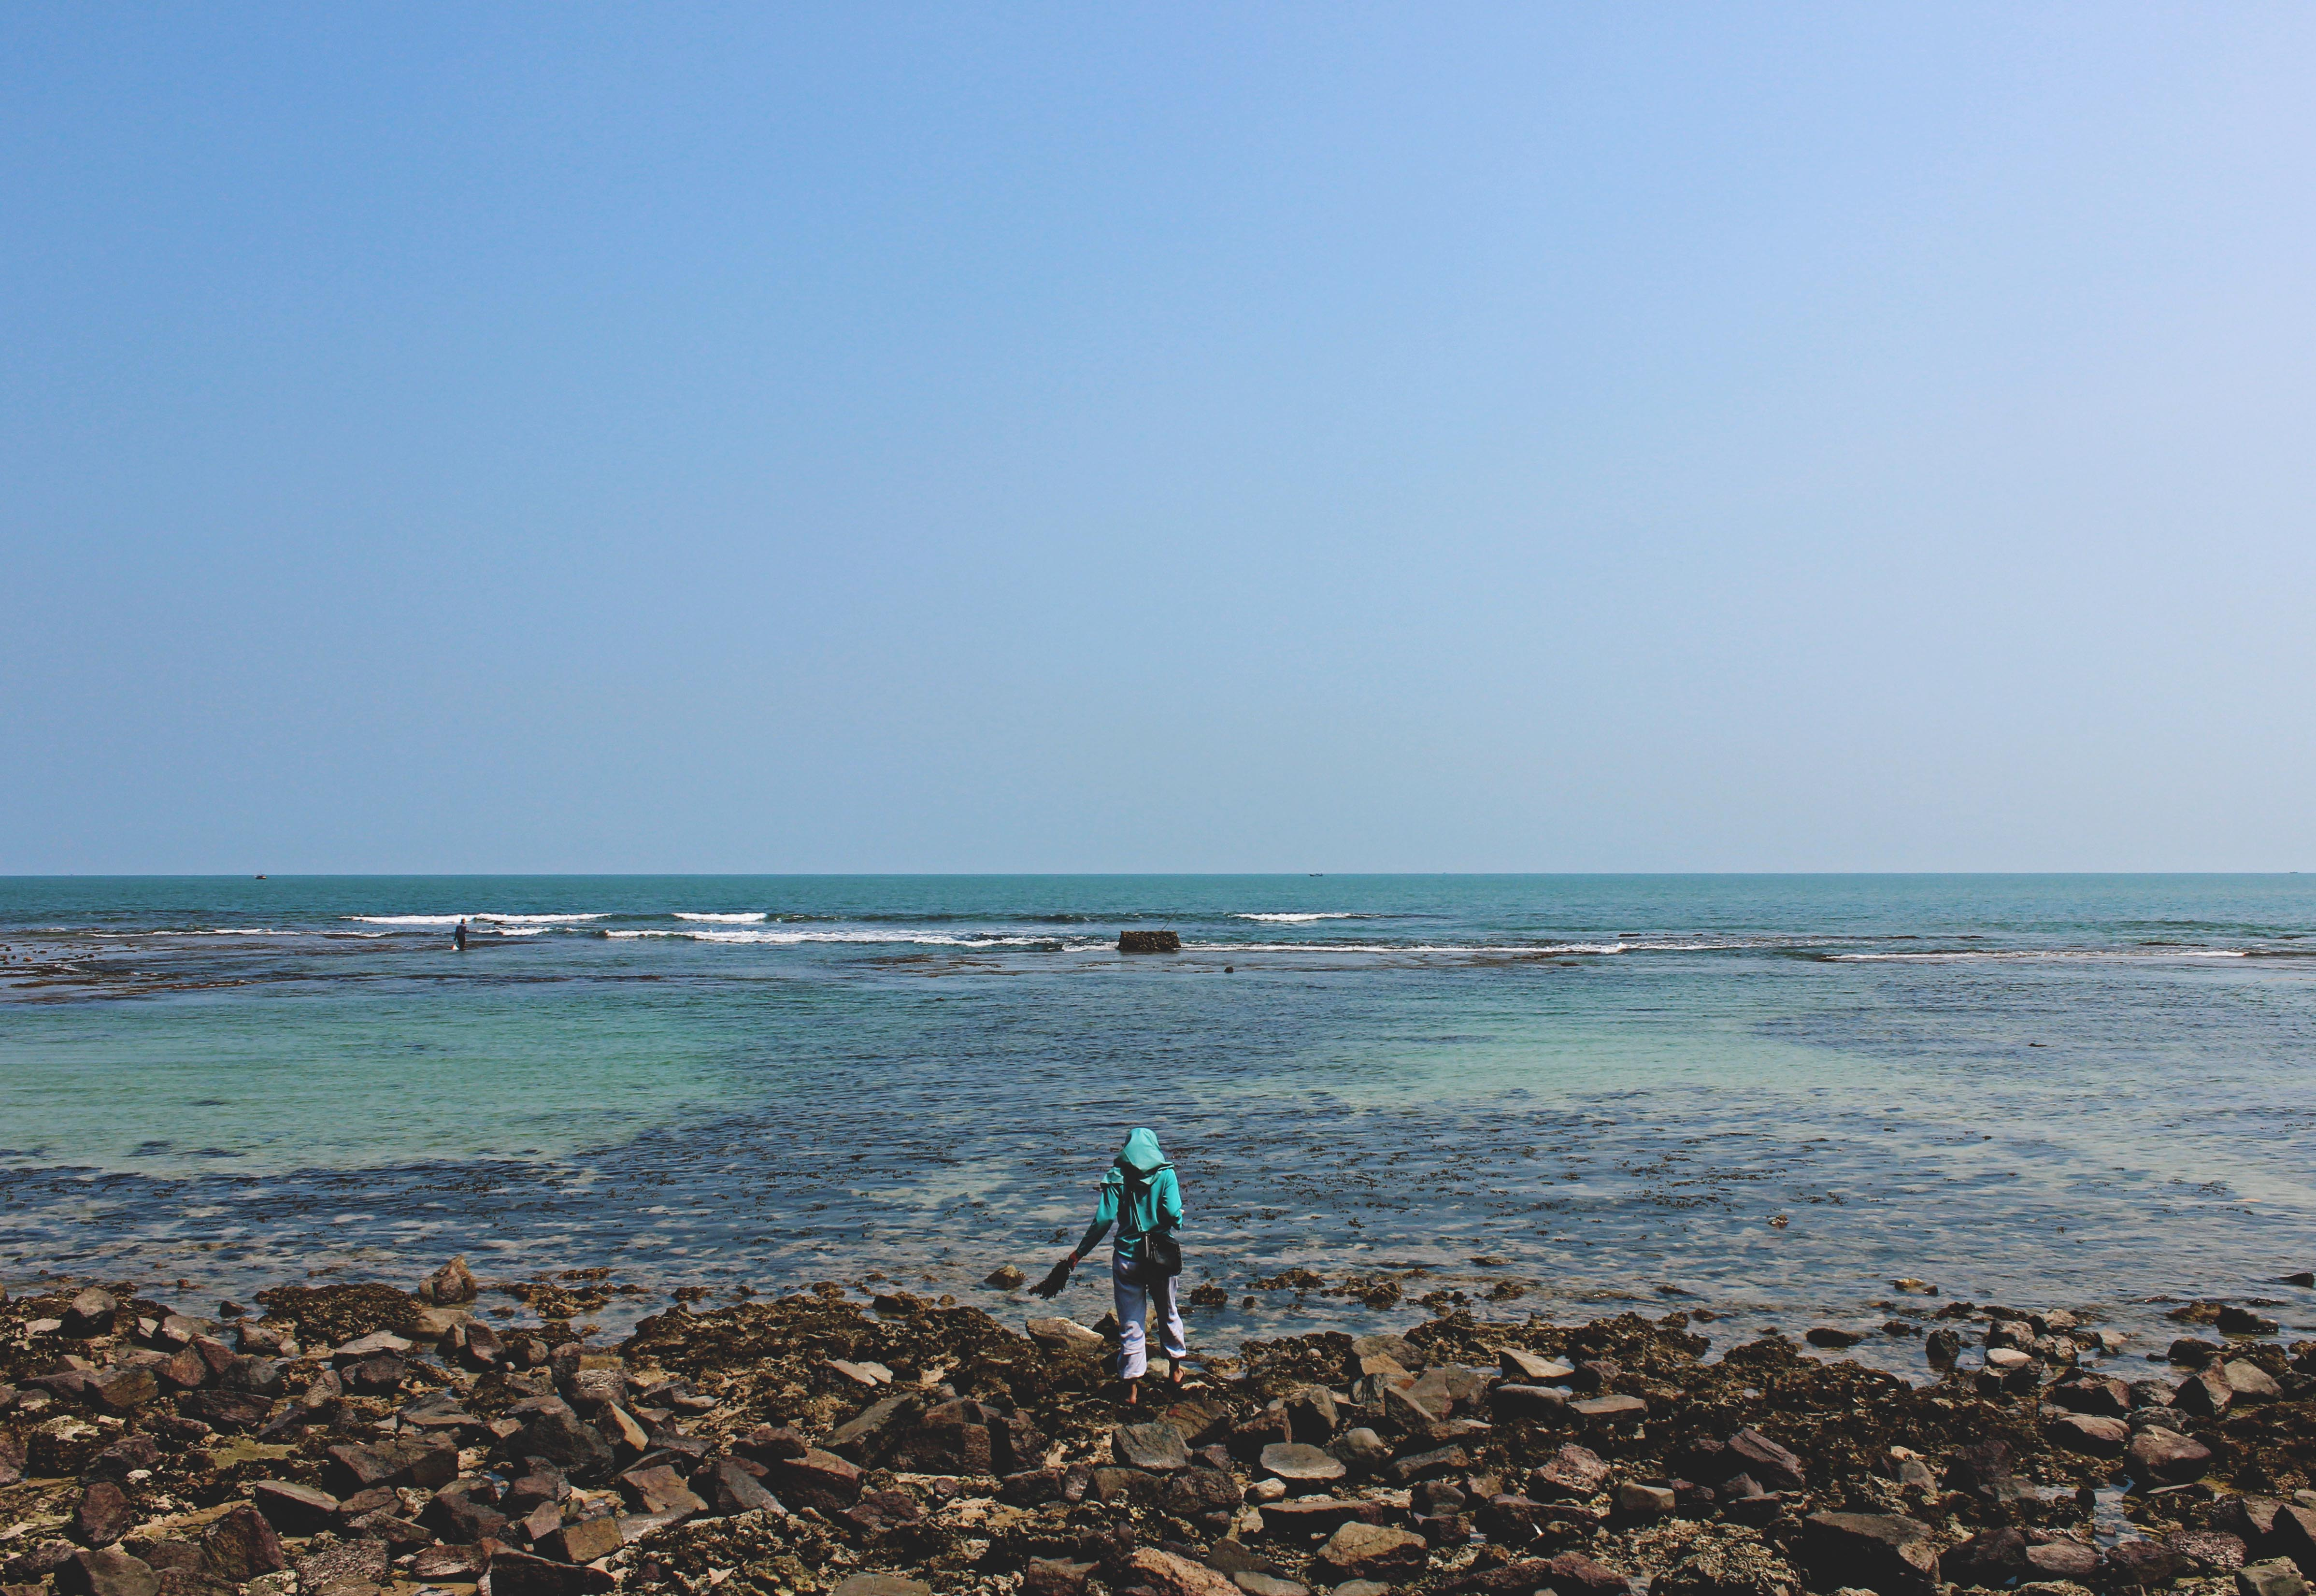 Sudut Rahasia Pantai Carita Karizmafahlevy Blog Forum Jalan2 Mengunjungi Lokasi